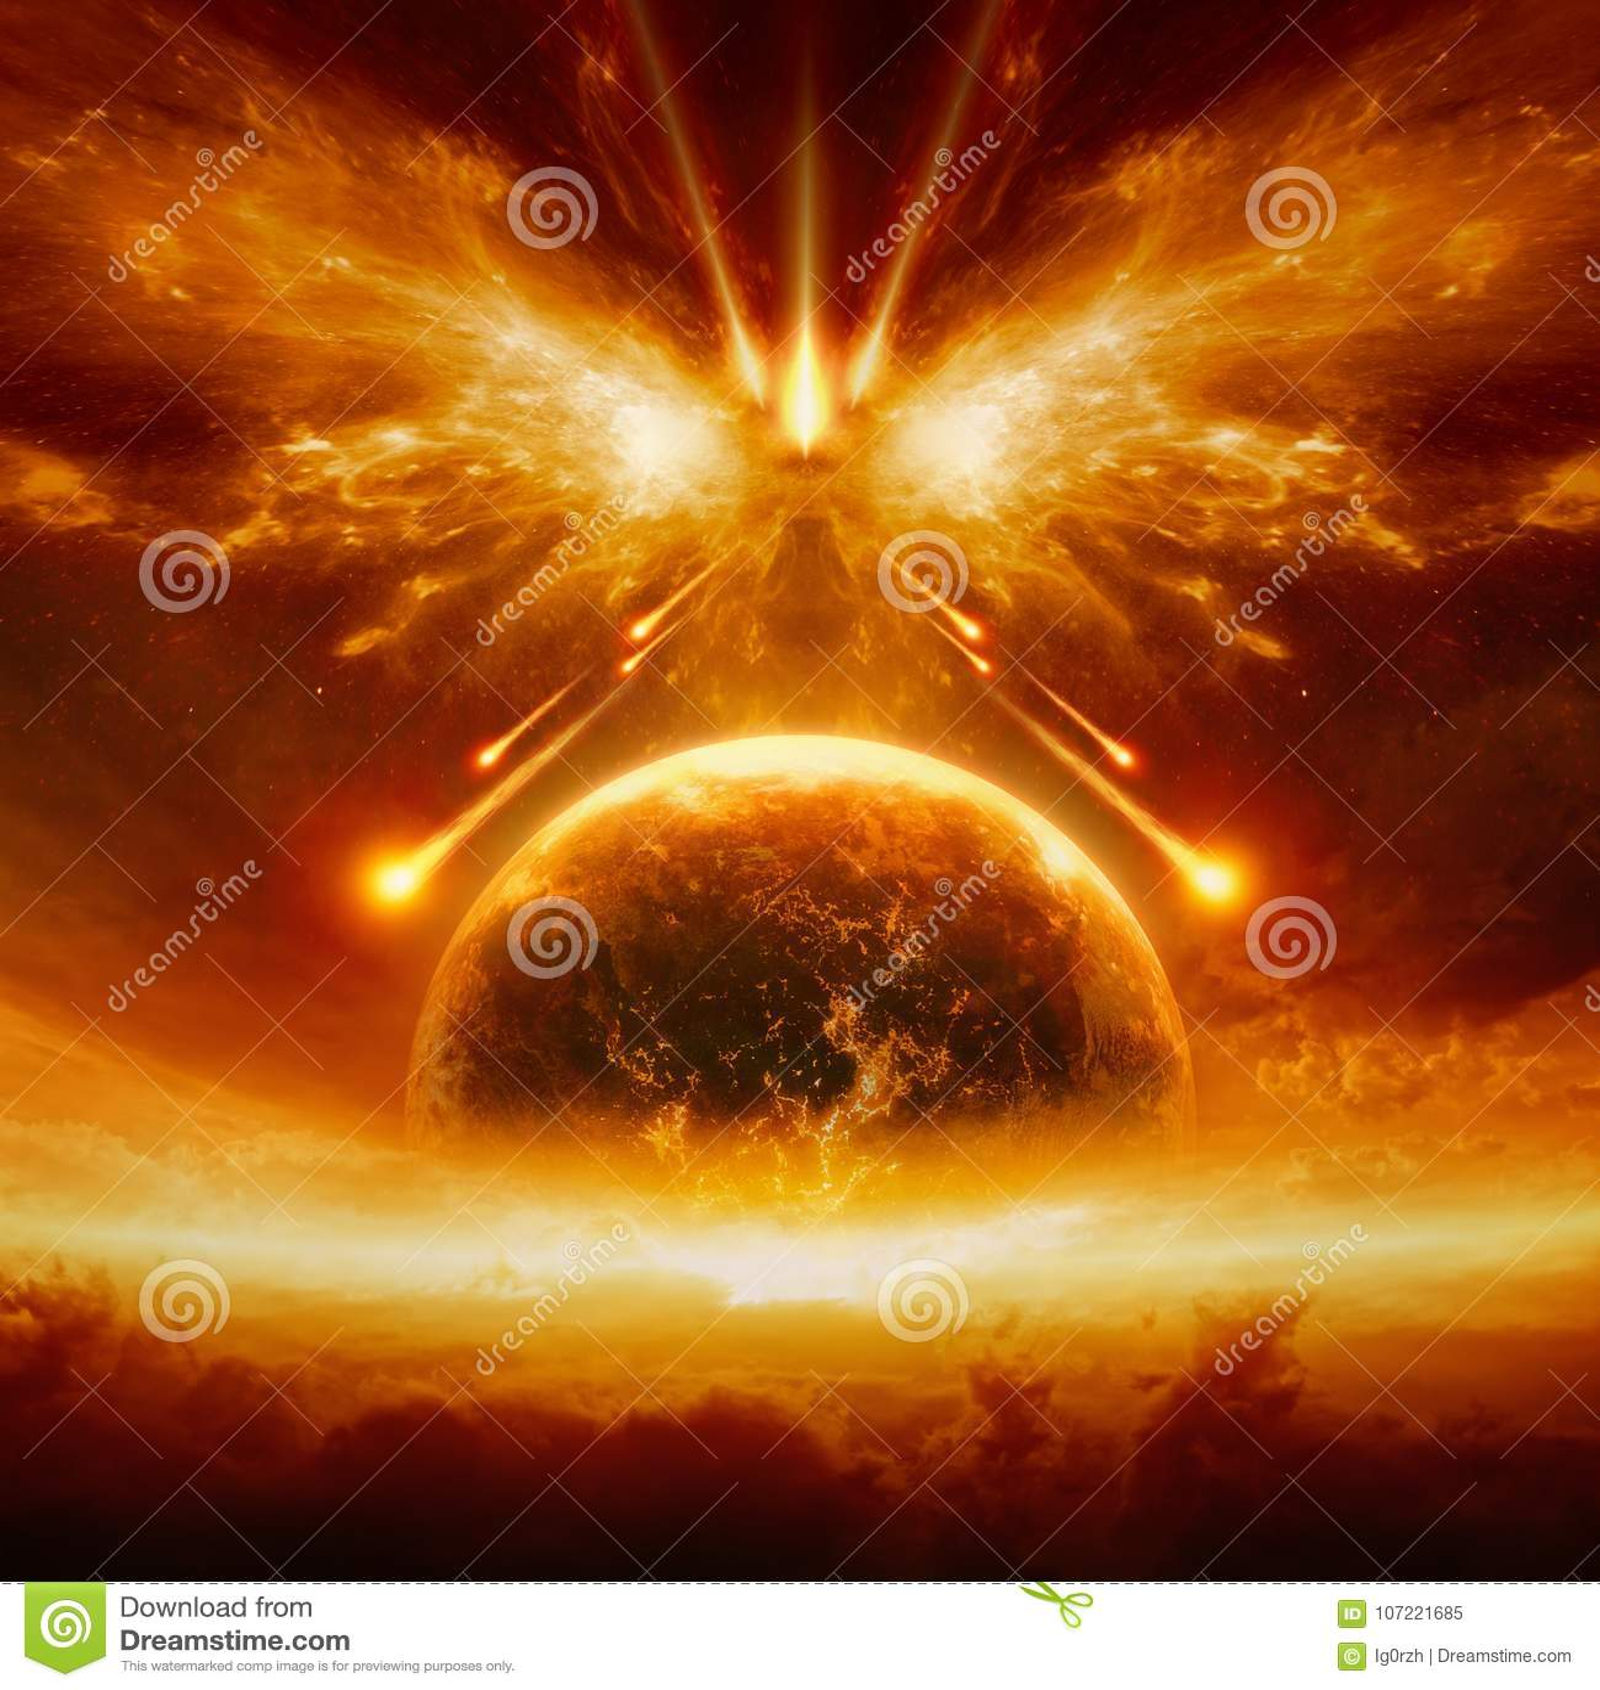 Końcówka świat, zupełny zniszczenie planety ziemia